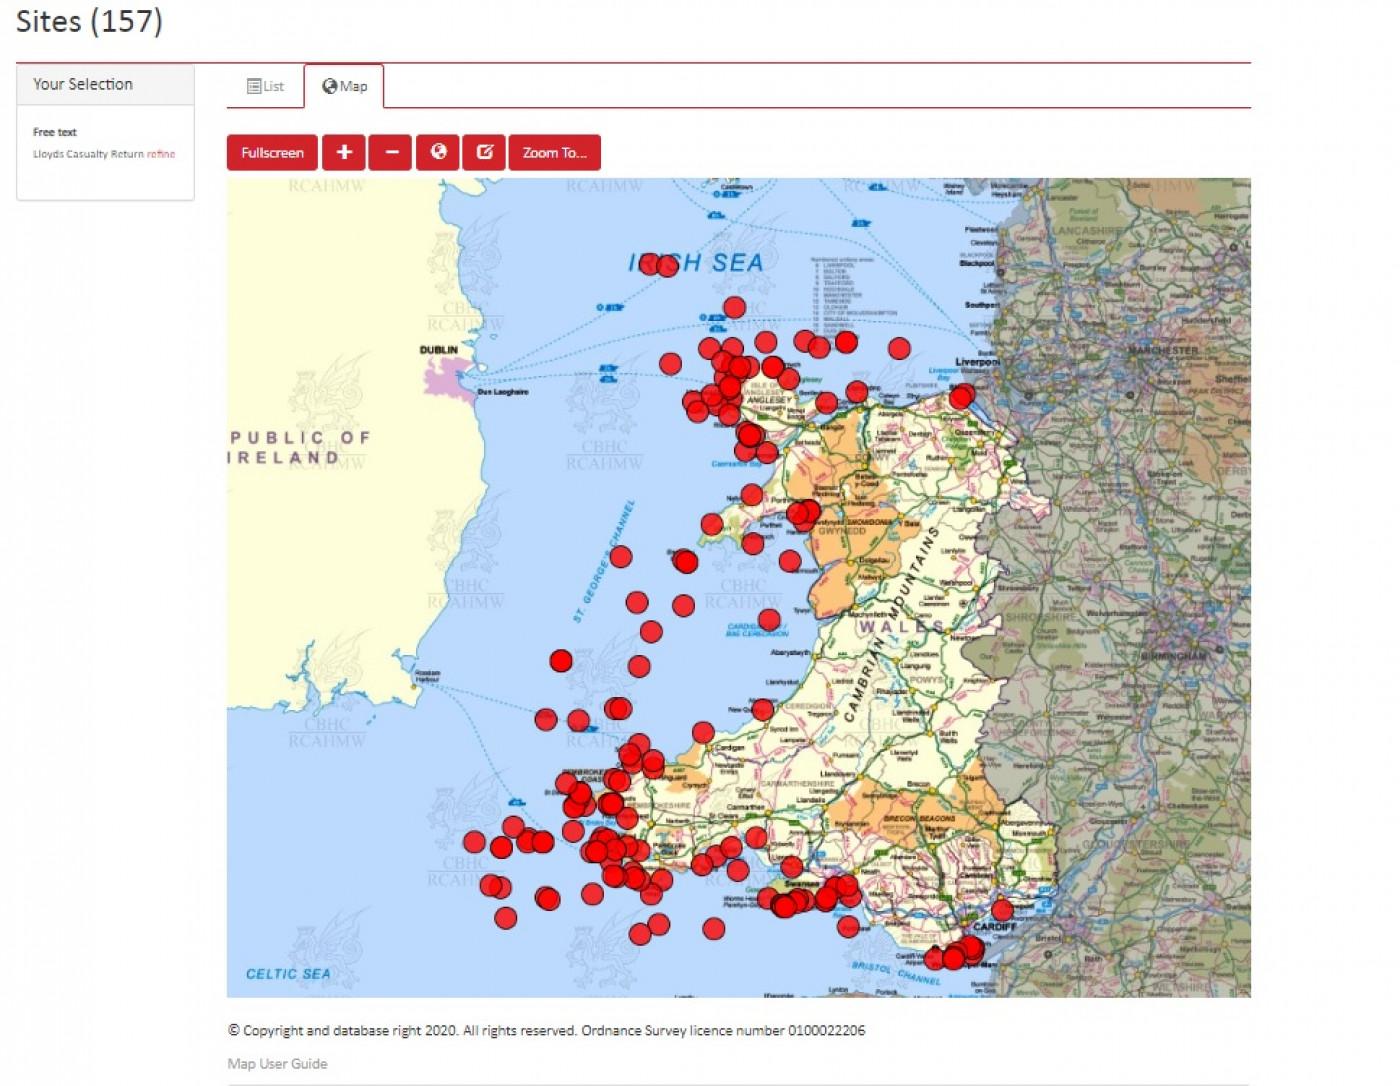 Coflein map of Lloyd's Casualty returns